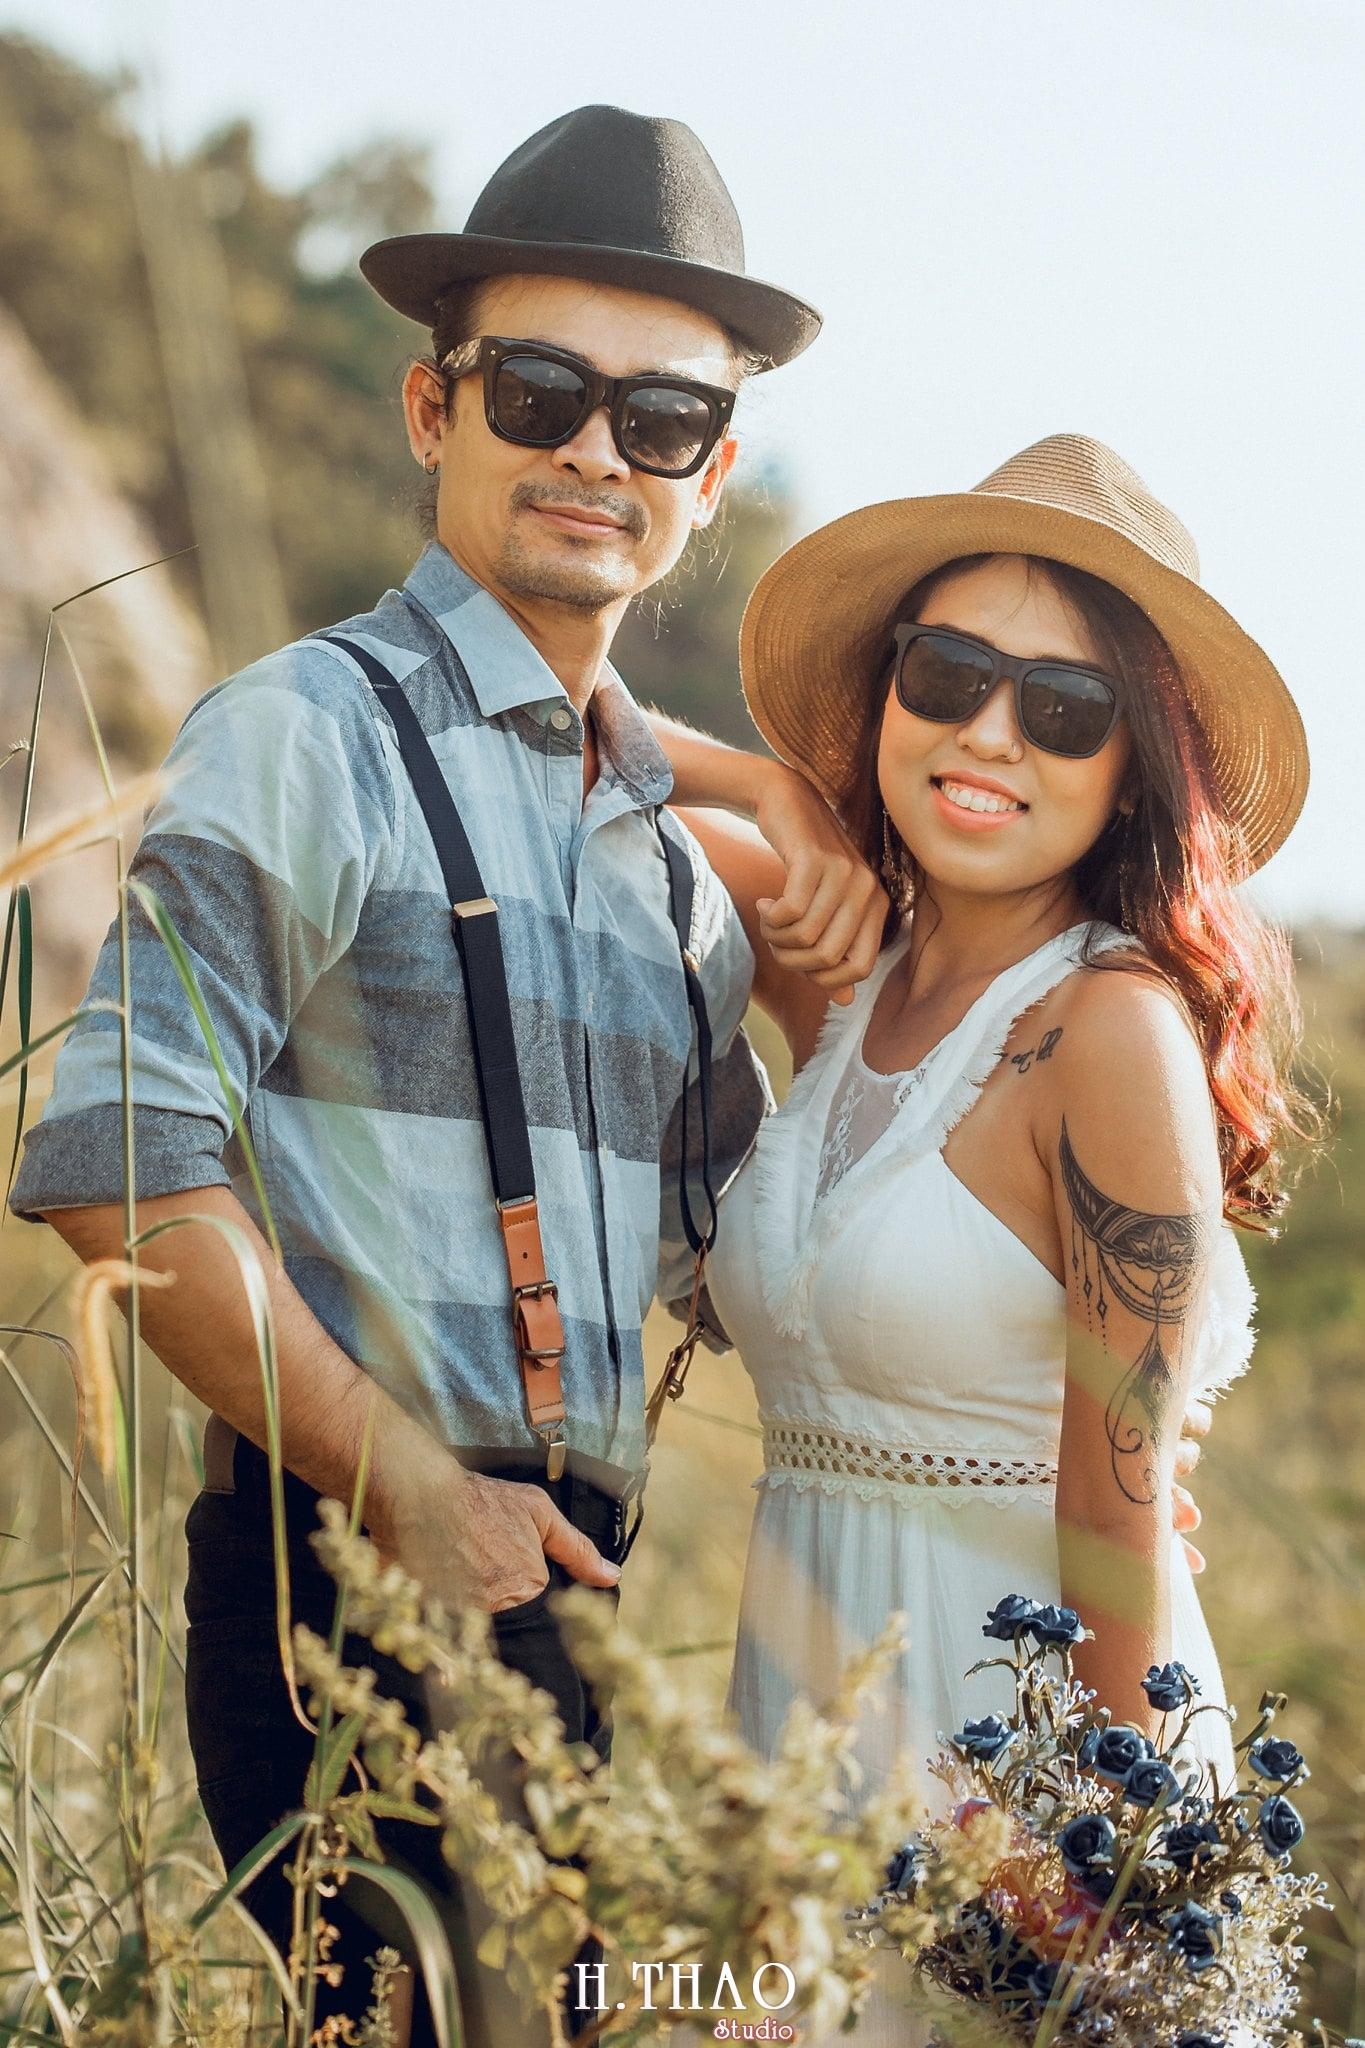 trung zen 11 - Album ảnh cưới chụp theo phong cách tây - HThao Studio